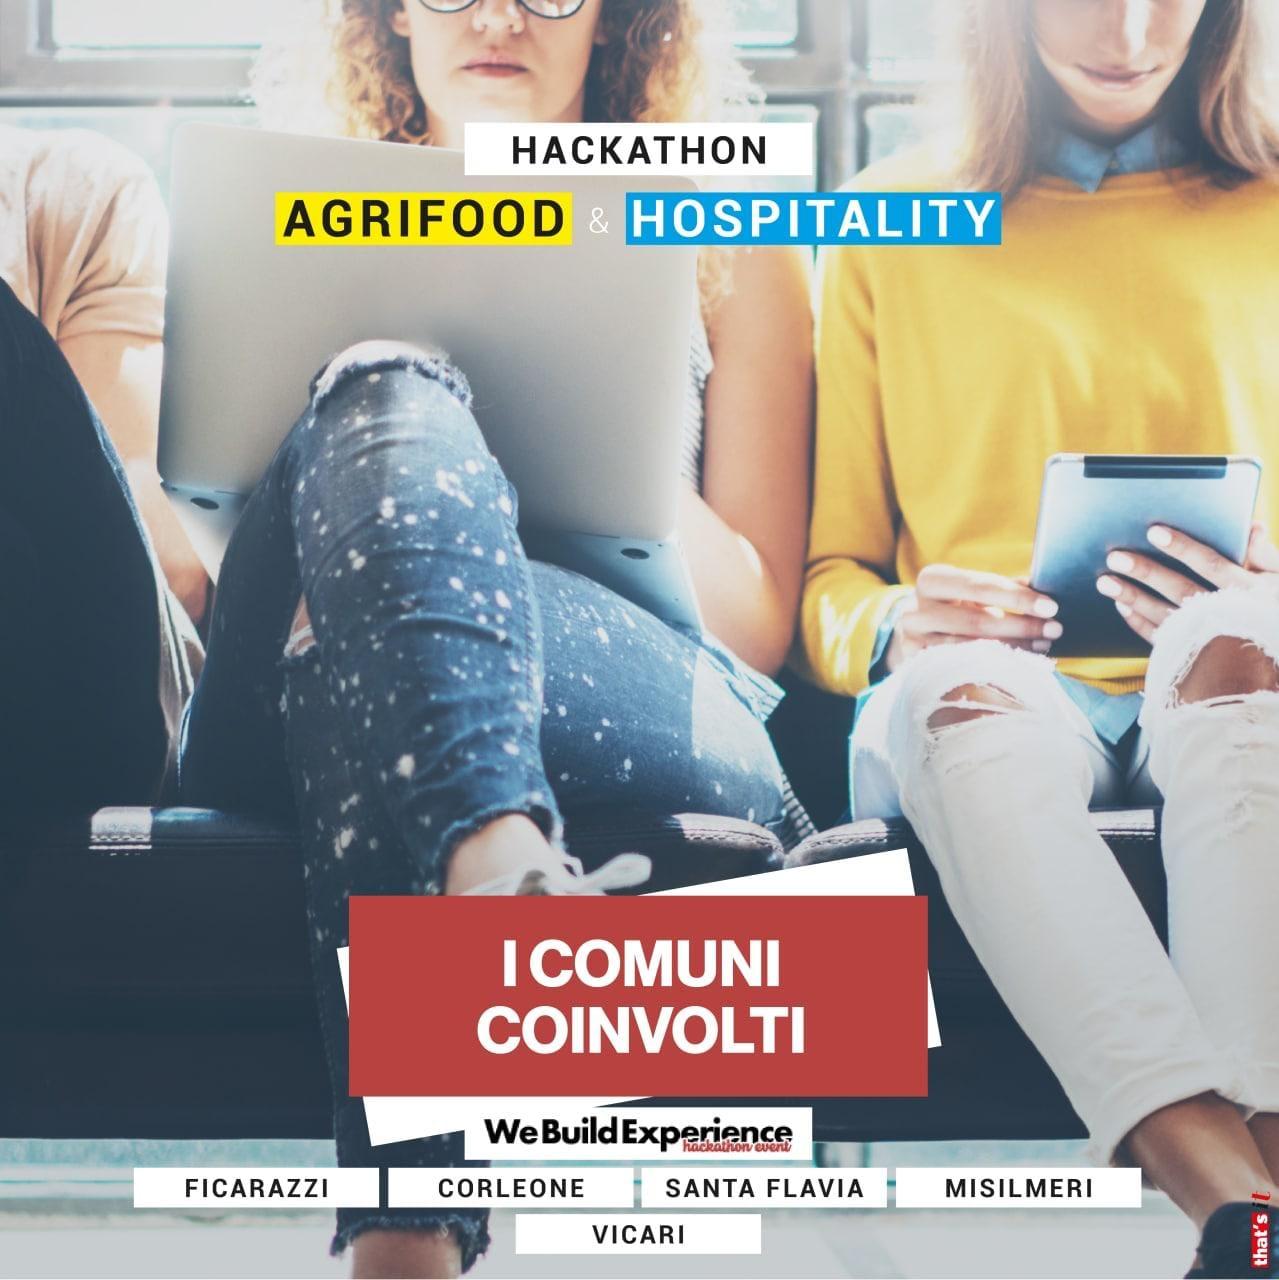 We Build Experience - Evento on line dedicato all'Agrifood e all'Hospitality. Dal 29 al 30 gennaio 2021 sulla piattaforma Zoom. 5 comuni e 15 aziende della Sicilia partecipanti